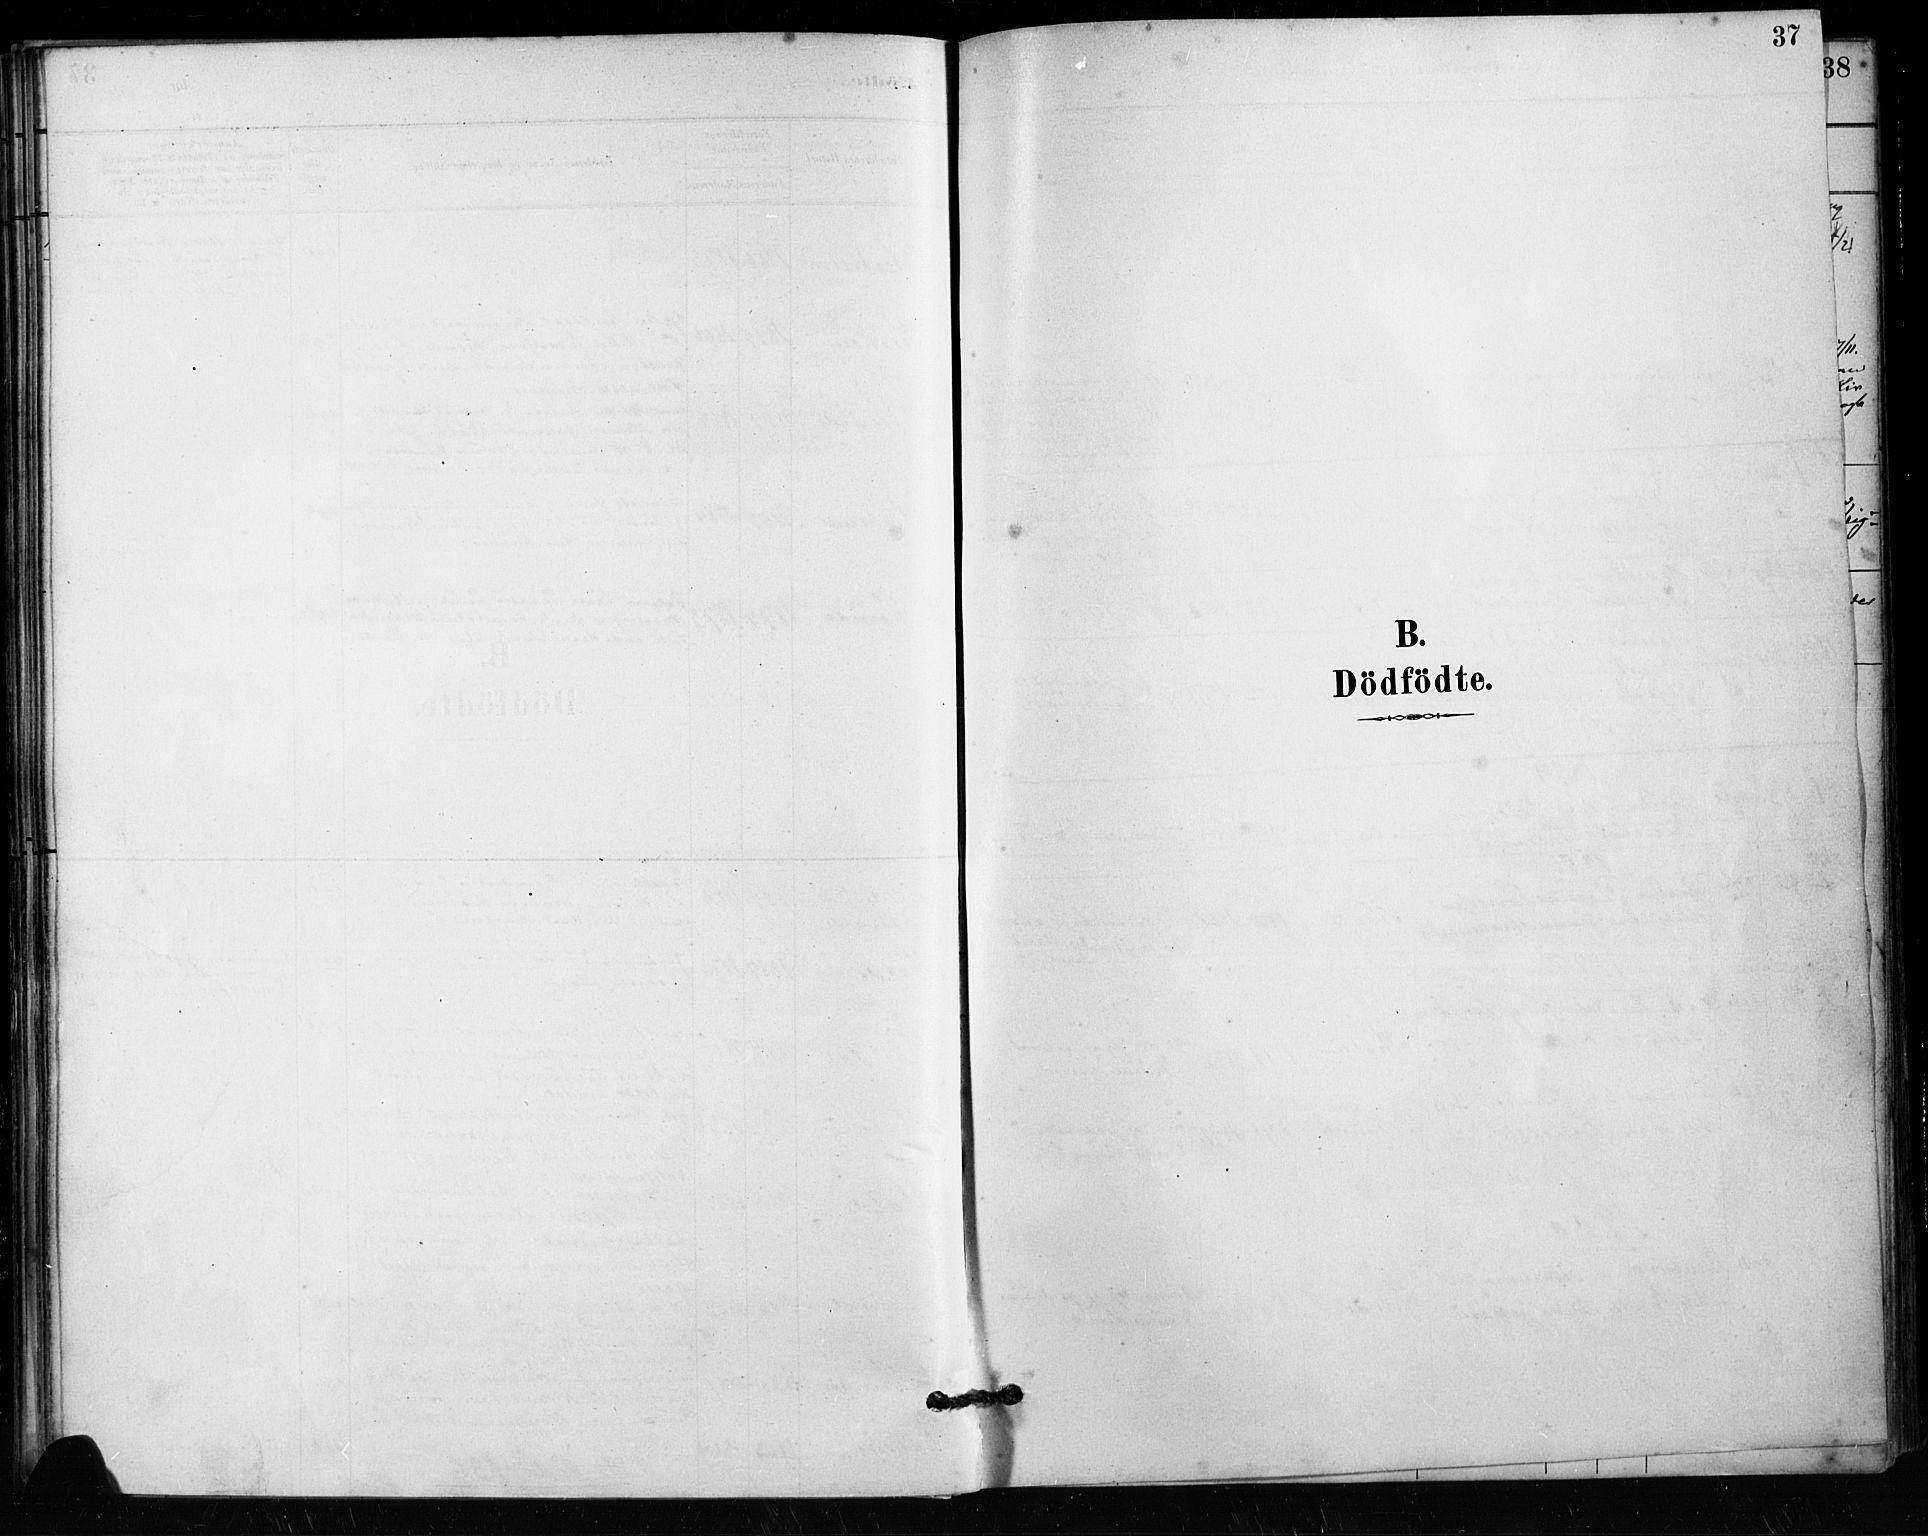 SAST, Håland sokneprestkontor, 30BA/L0011: Ministerialbok nr. A 10, 1883-1900, s. 37